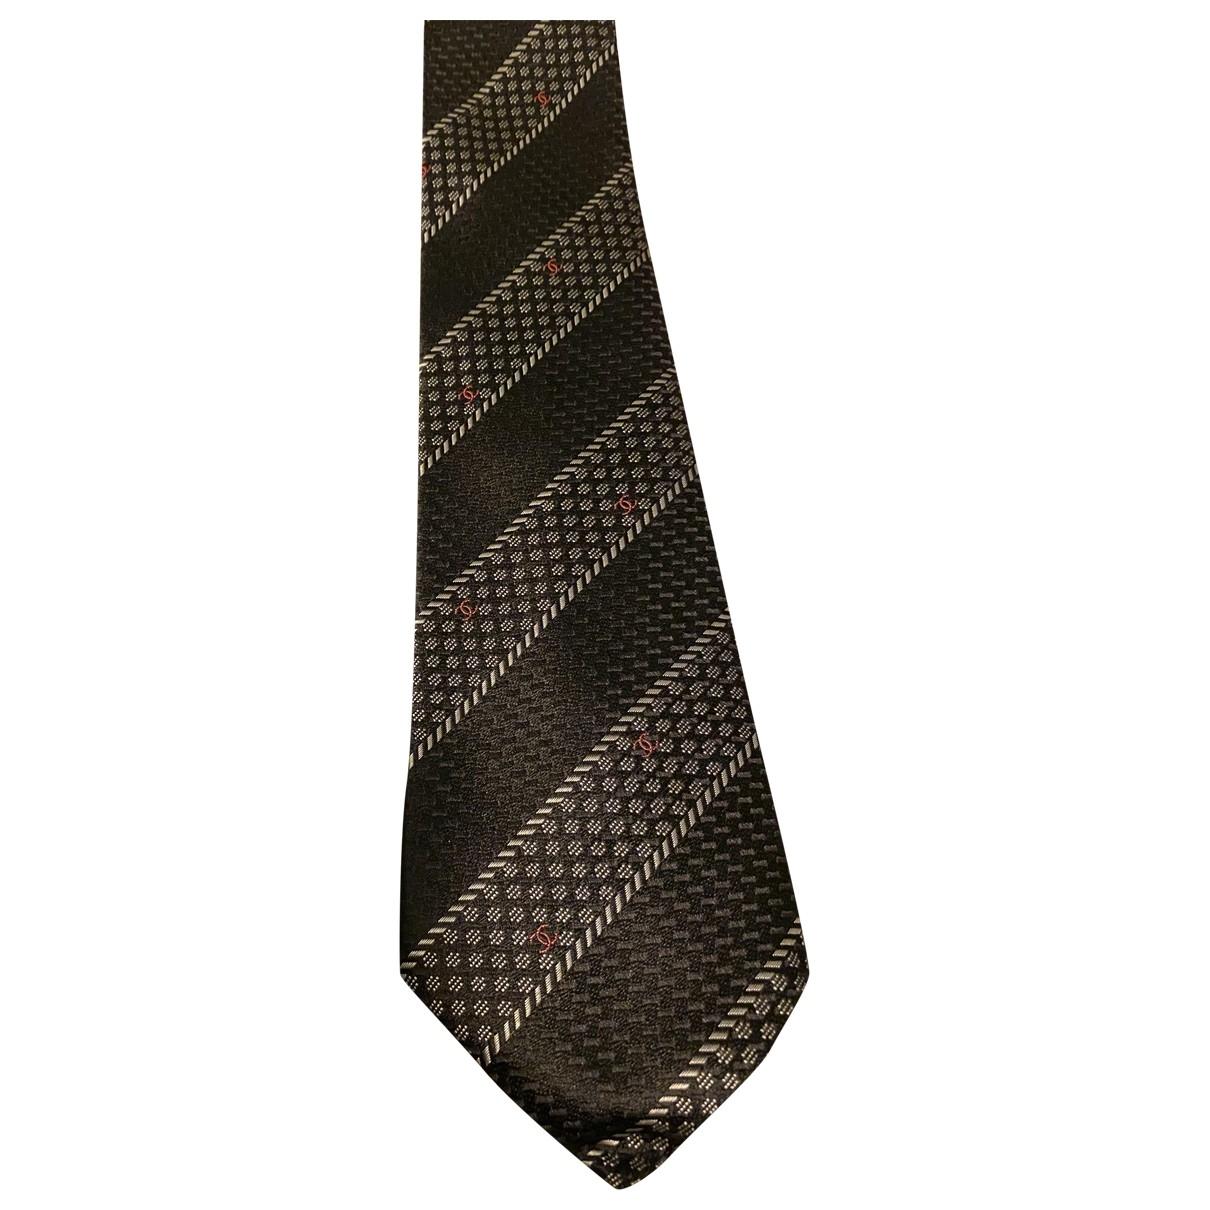 Corbata de Seda Chanel